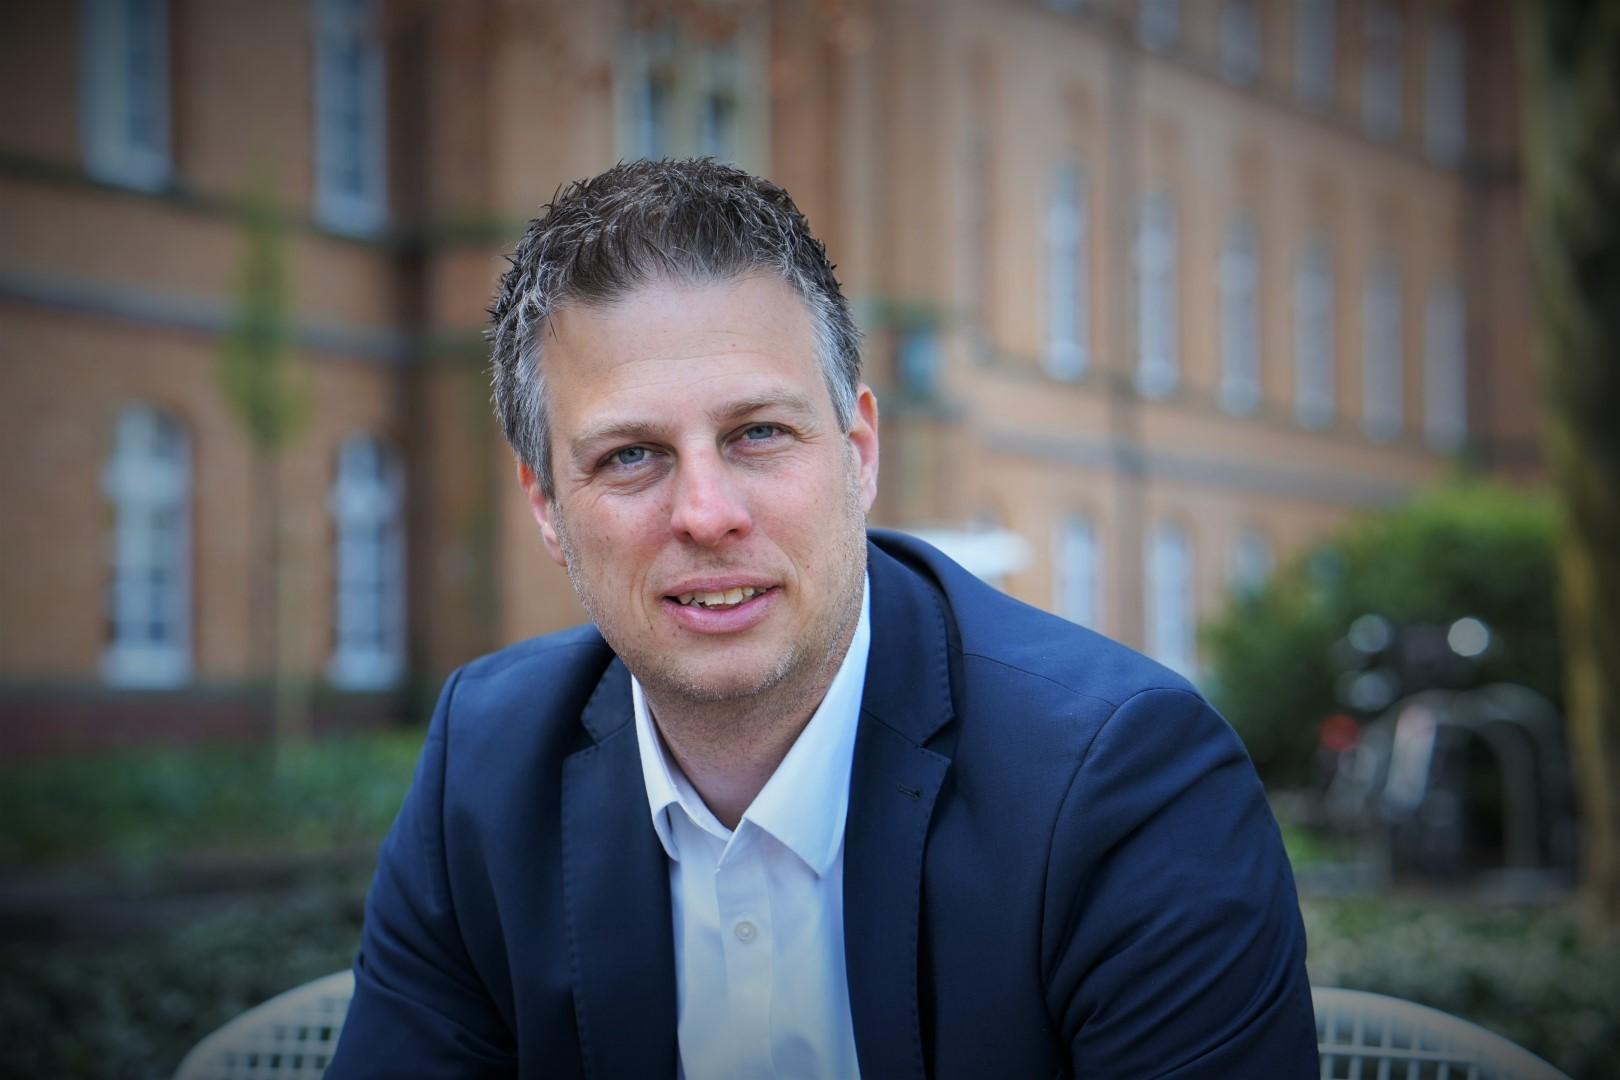 Dennis Kocker